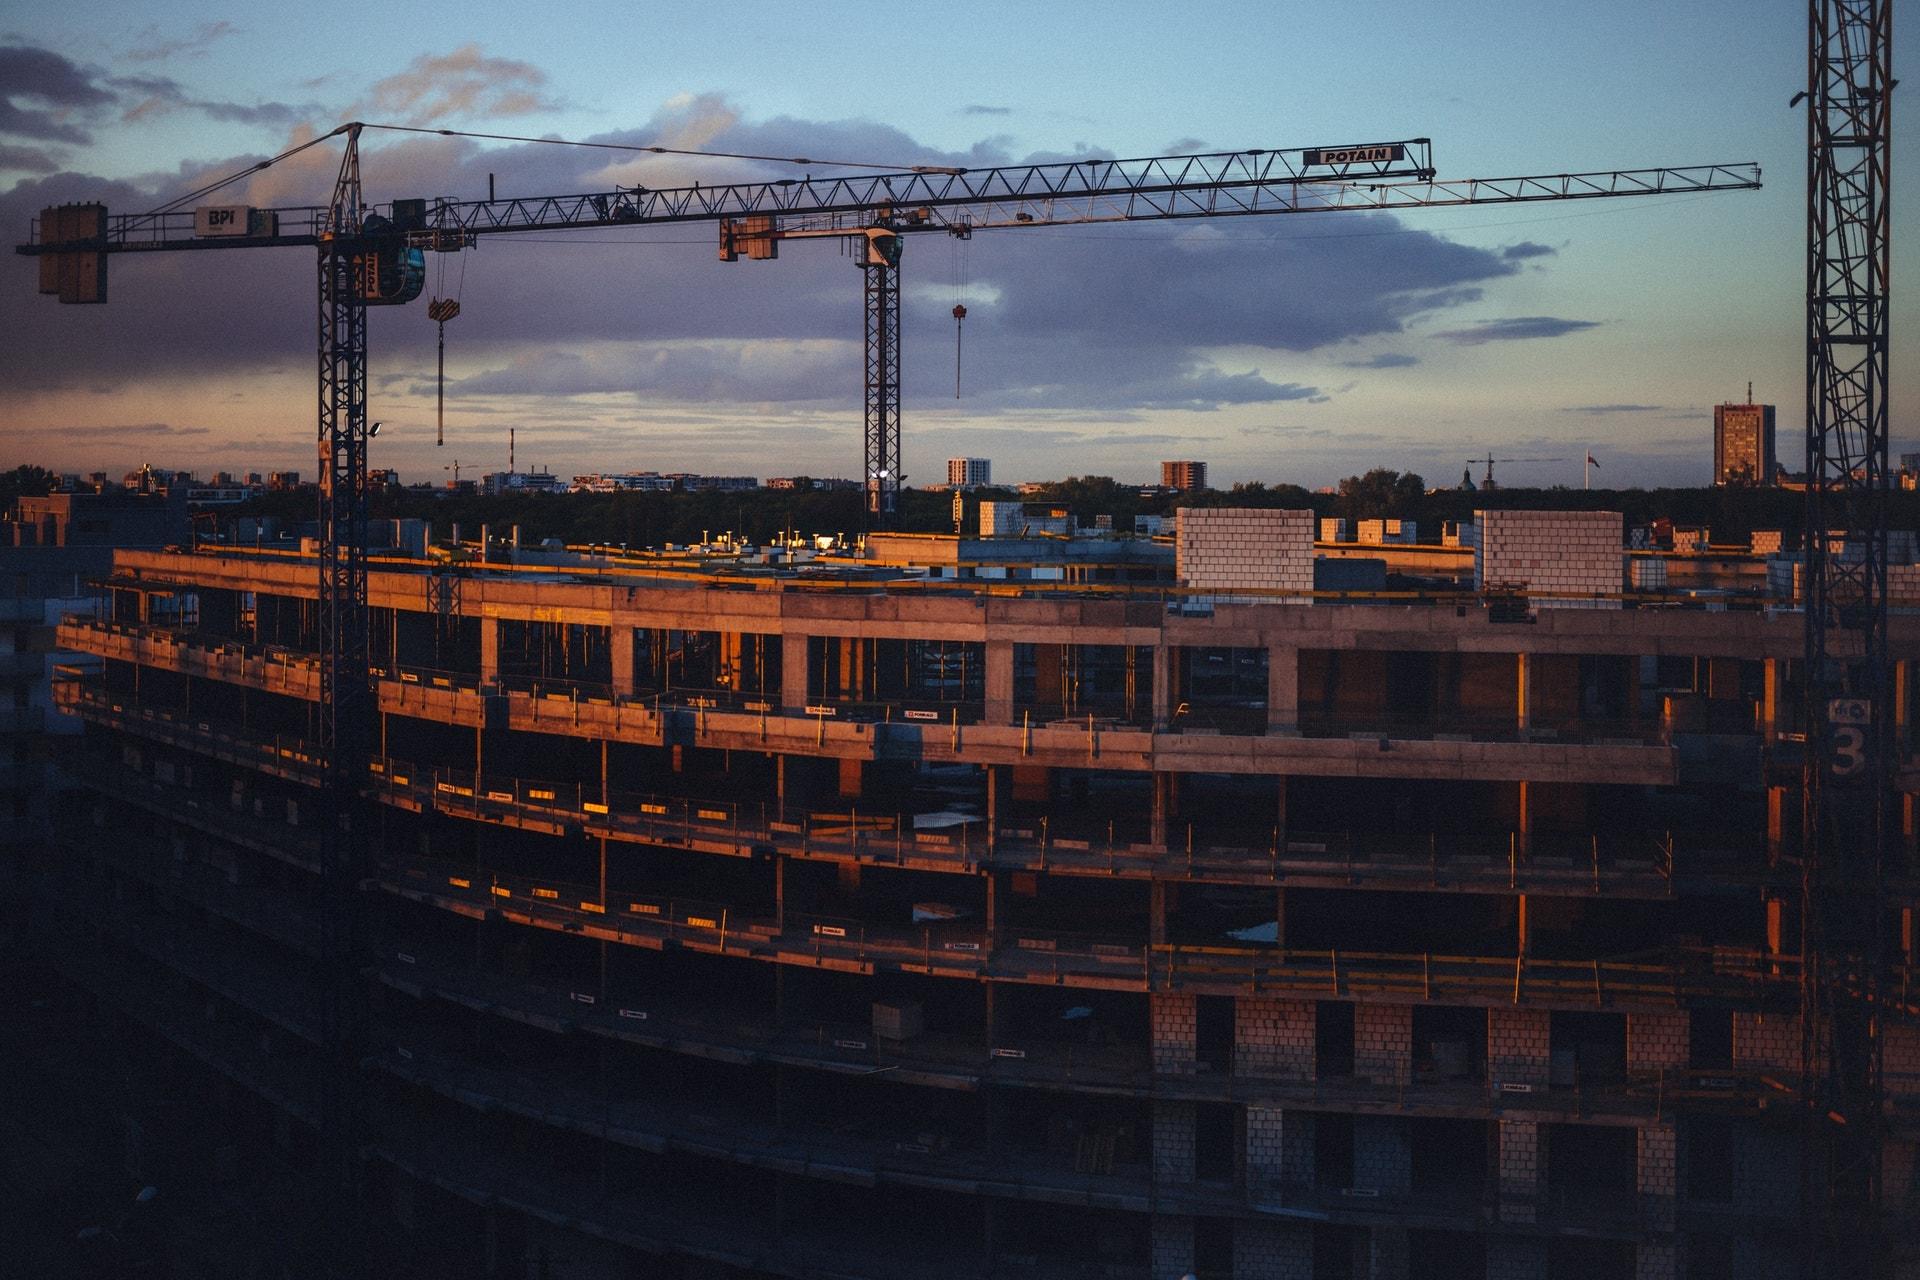 Державна реєстрація права власності на об'єкт незавершеного будівництва, набутого на підставі договору